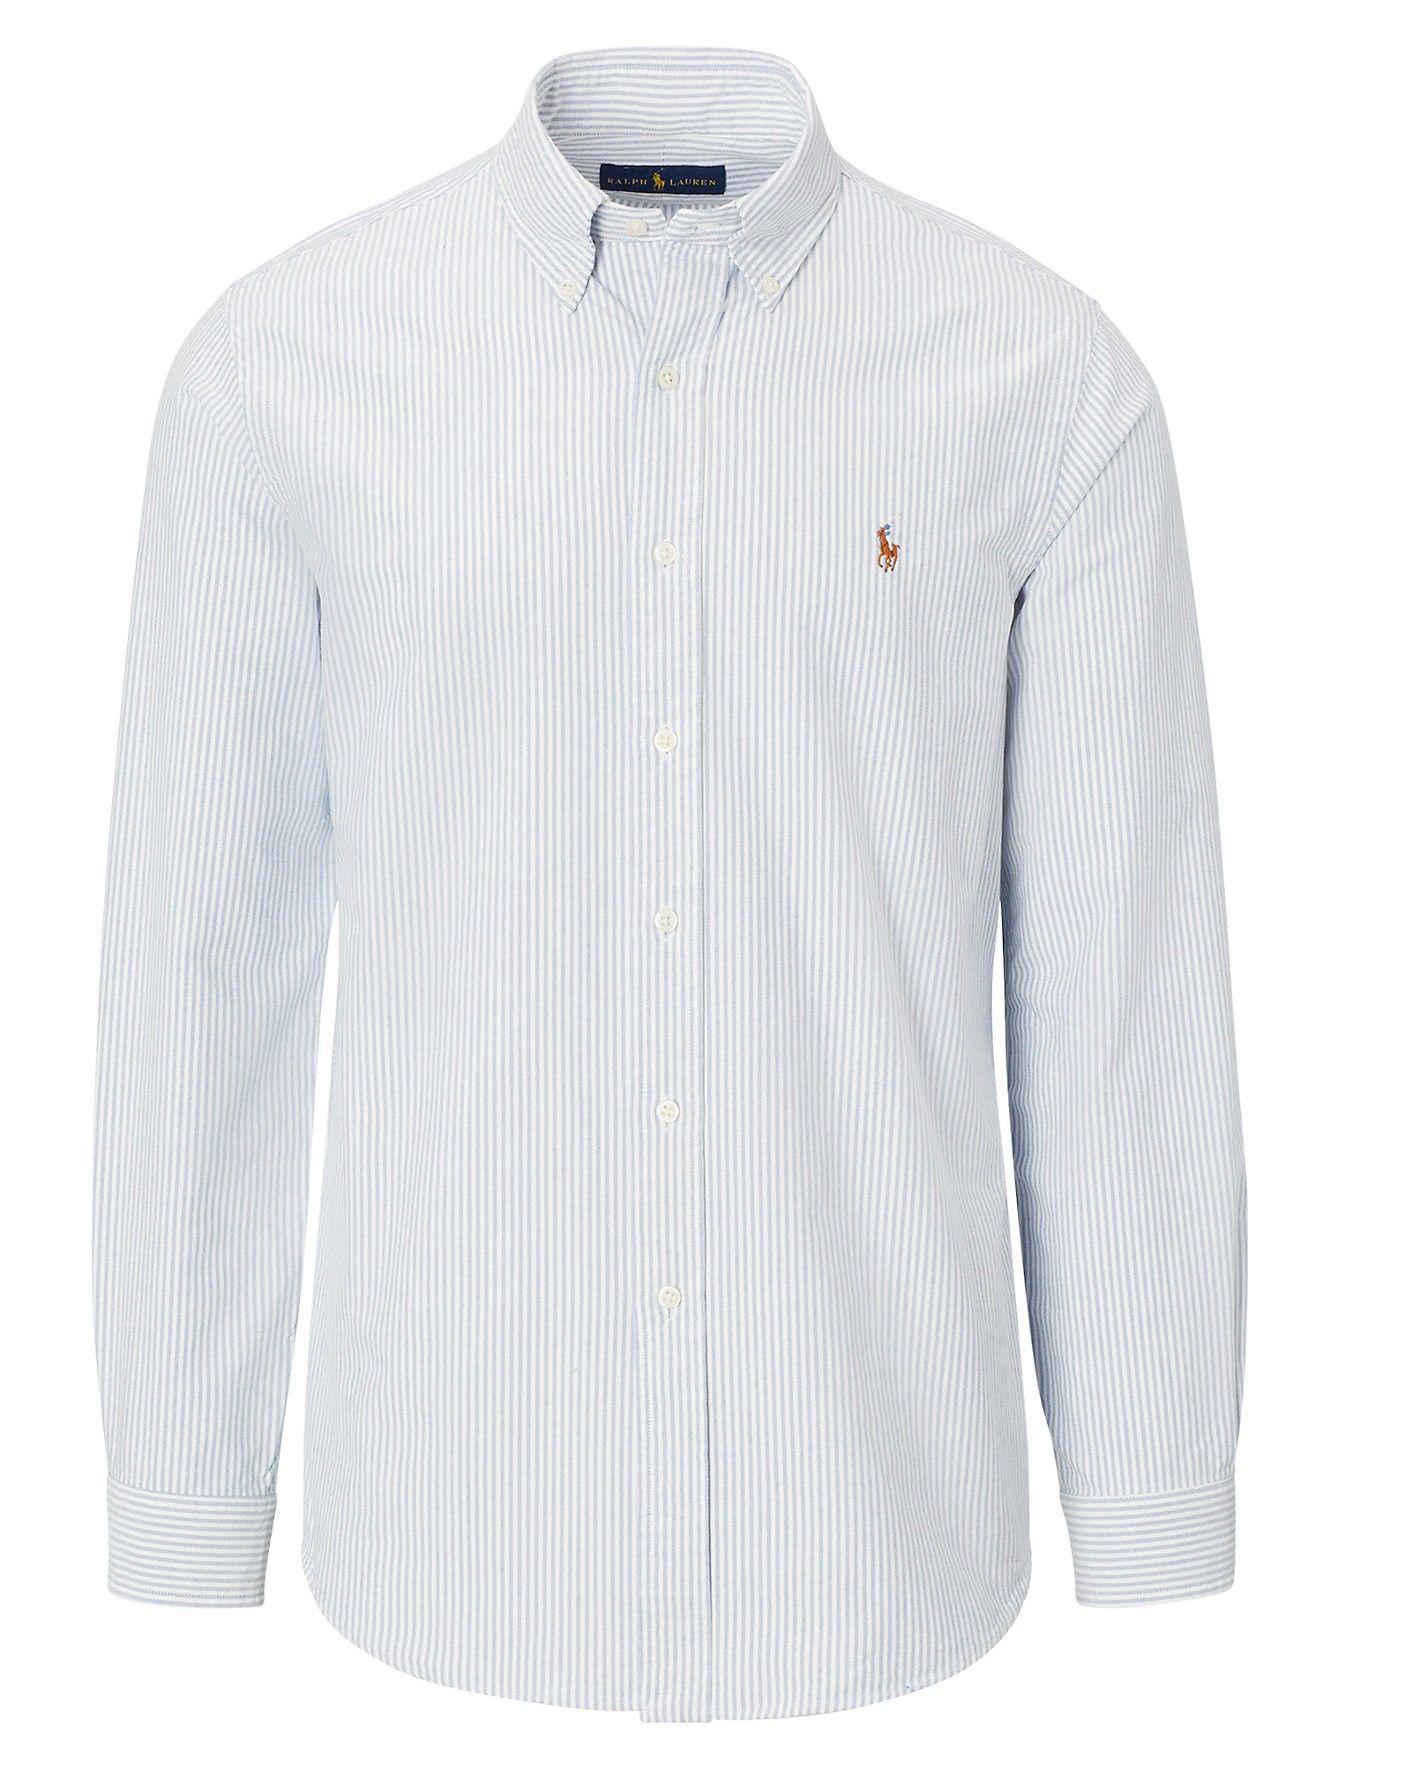 b2cb96d613b8 POLO RALPH LAUREN Striped Oxford Sport Shirt. #poloralphlauren #cloth #all